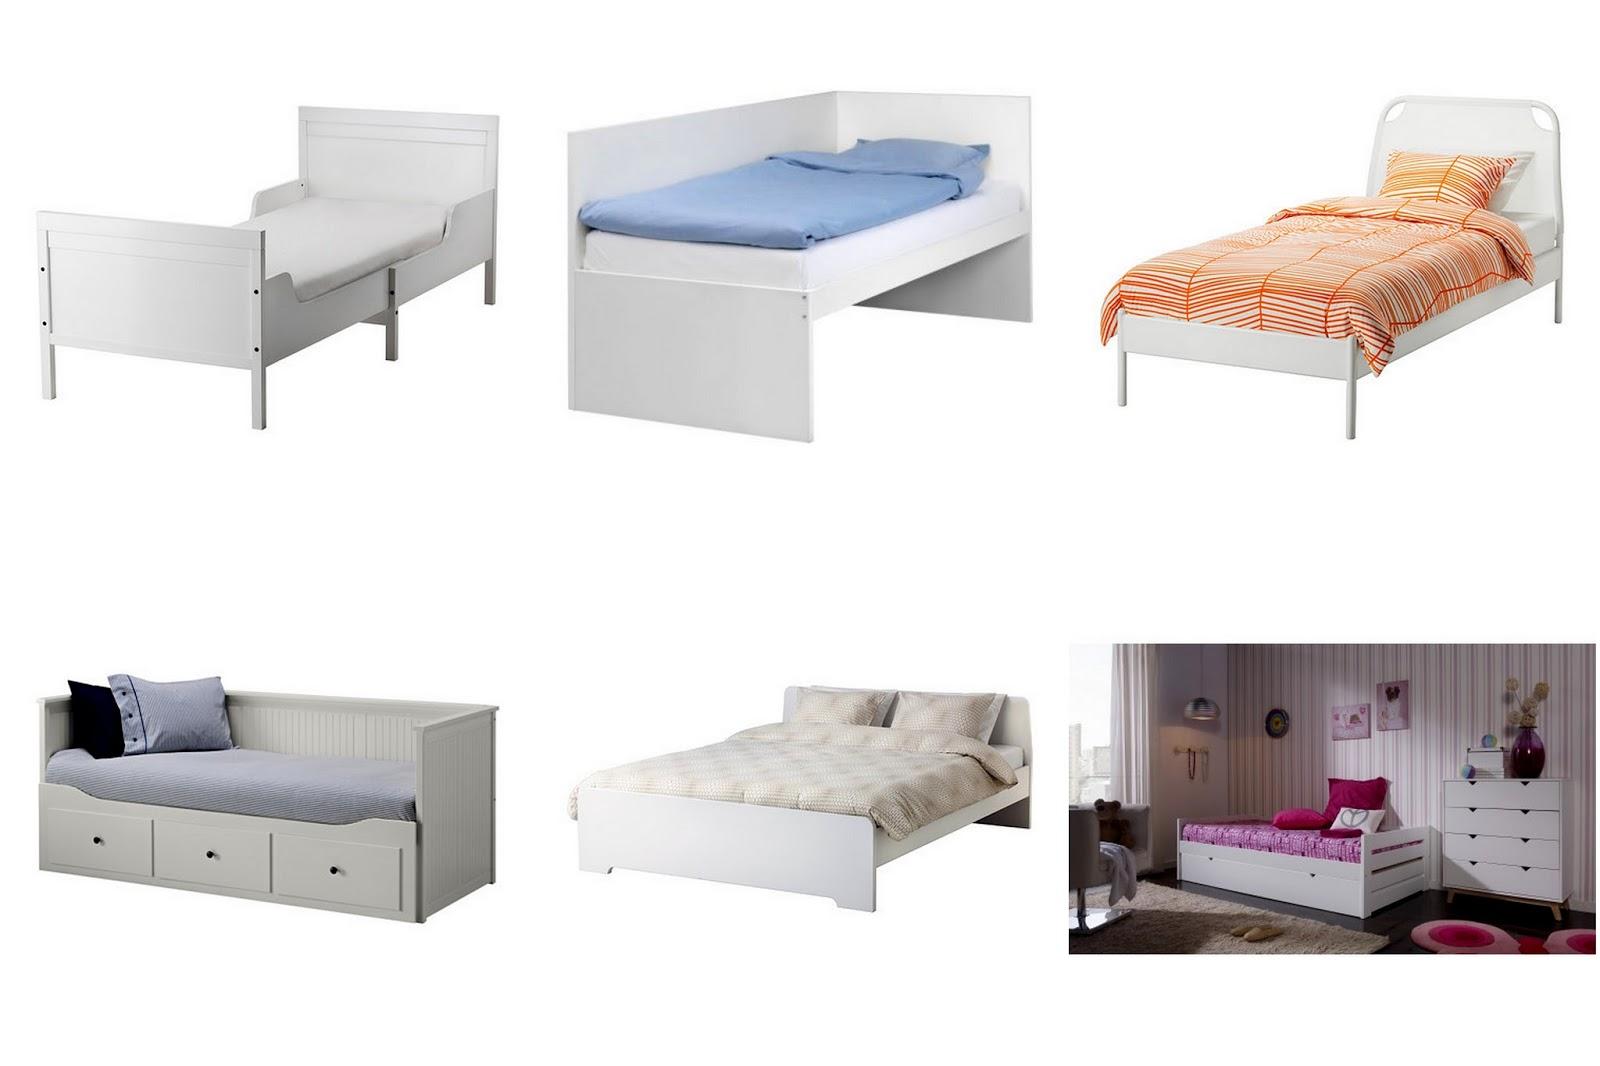 Conforama camas para ninos dise os arquitect nicos - Conforama cabeceros de cama ...